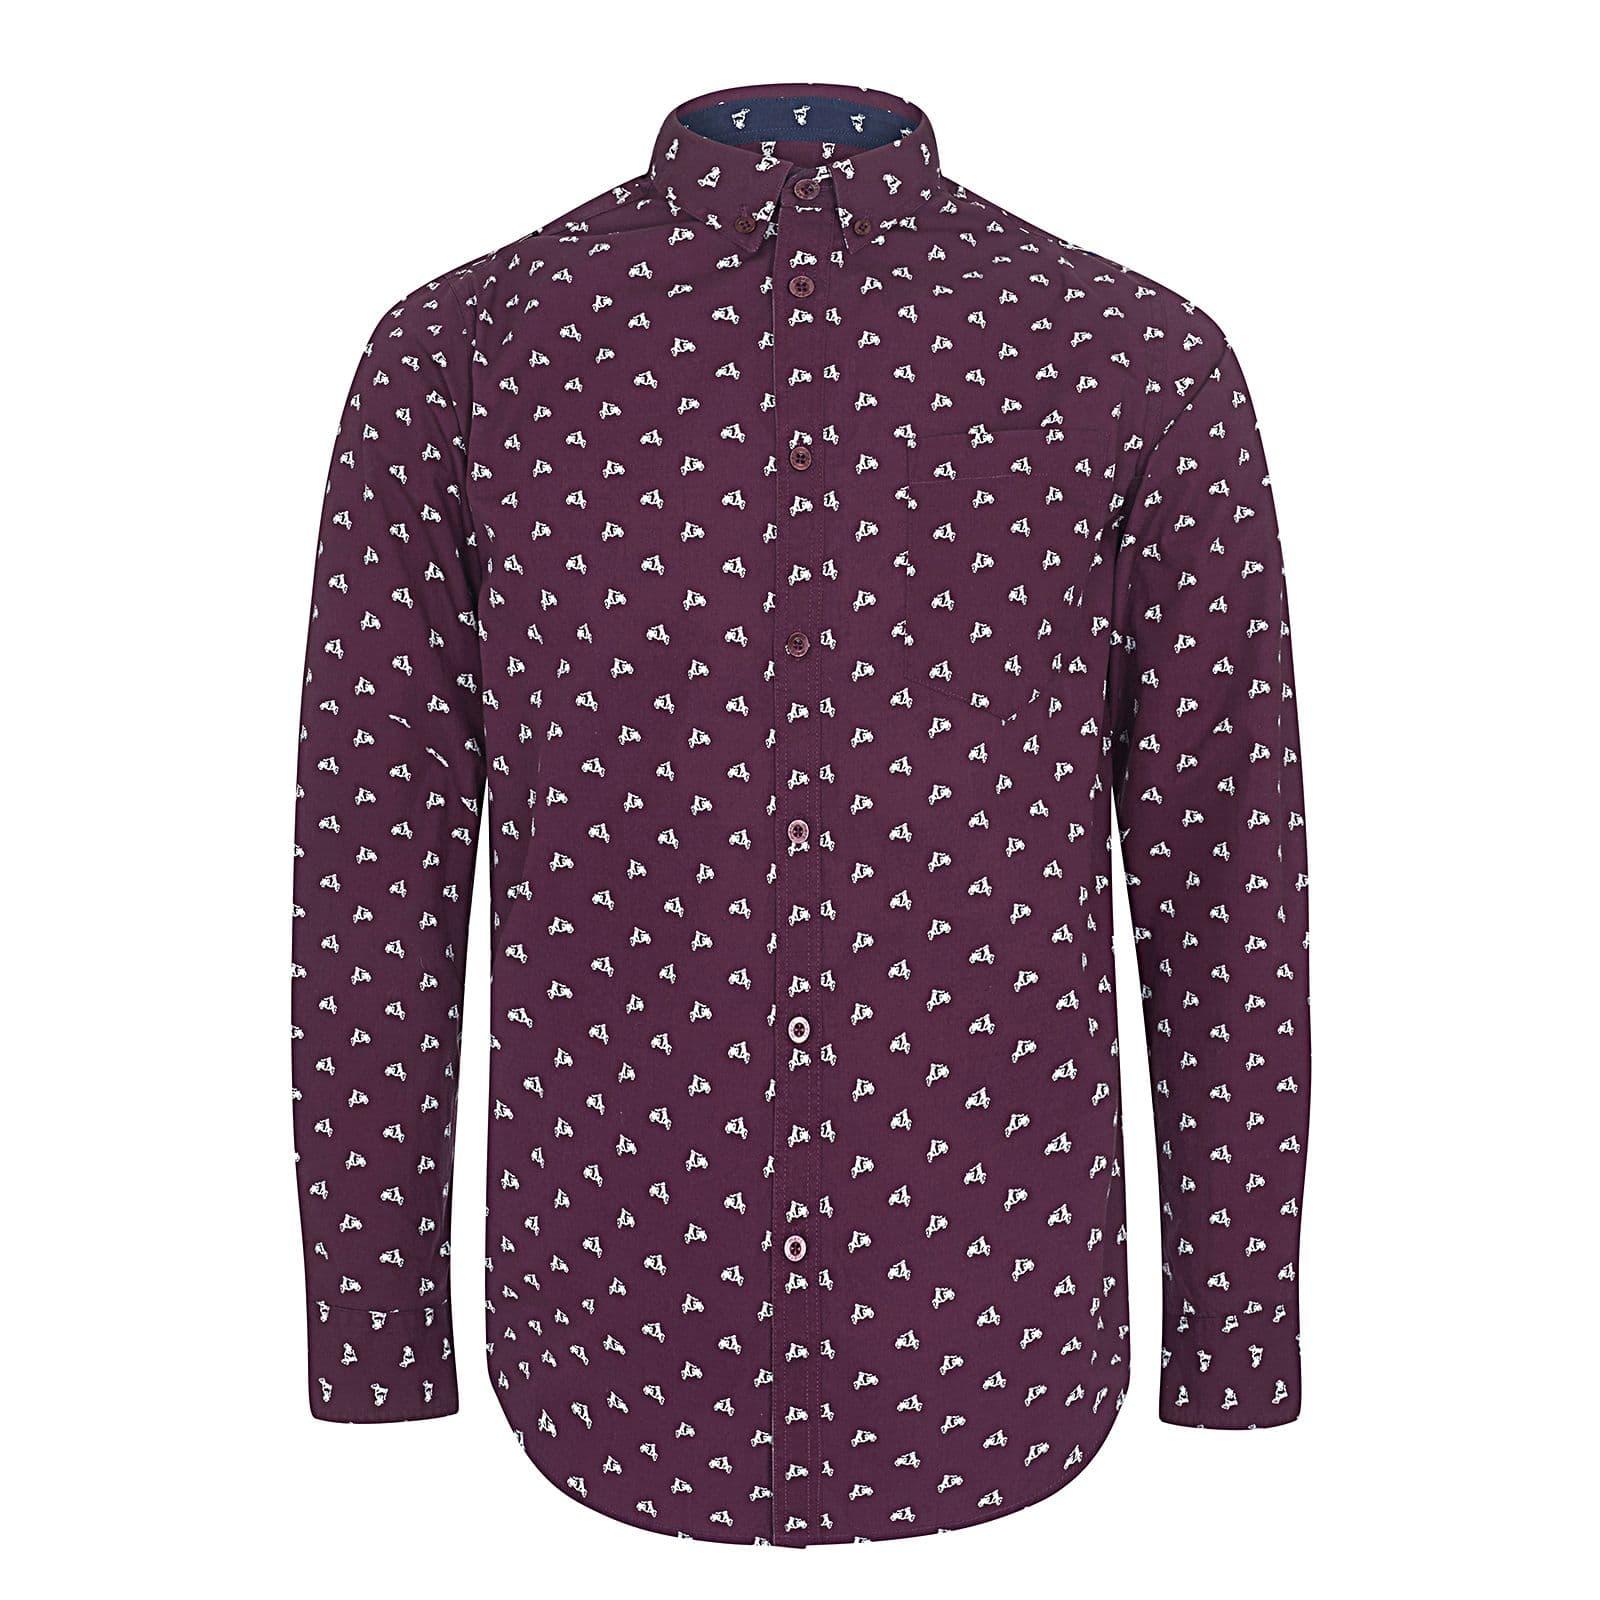 Рубашка UplandРубашки под заказ<br><br><br>Артикул: 1517208<br>Материал: 100% хлопок<br>Цвет: винно-красный<br>Пол: Мужской